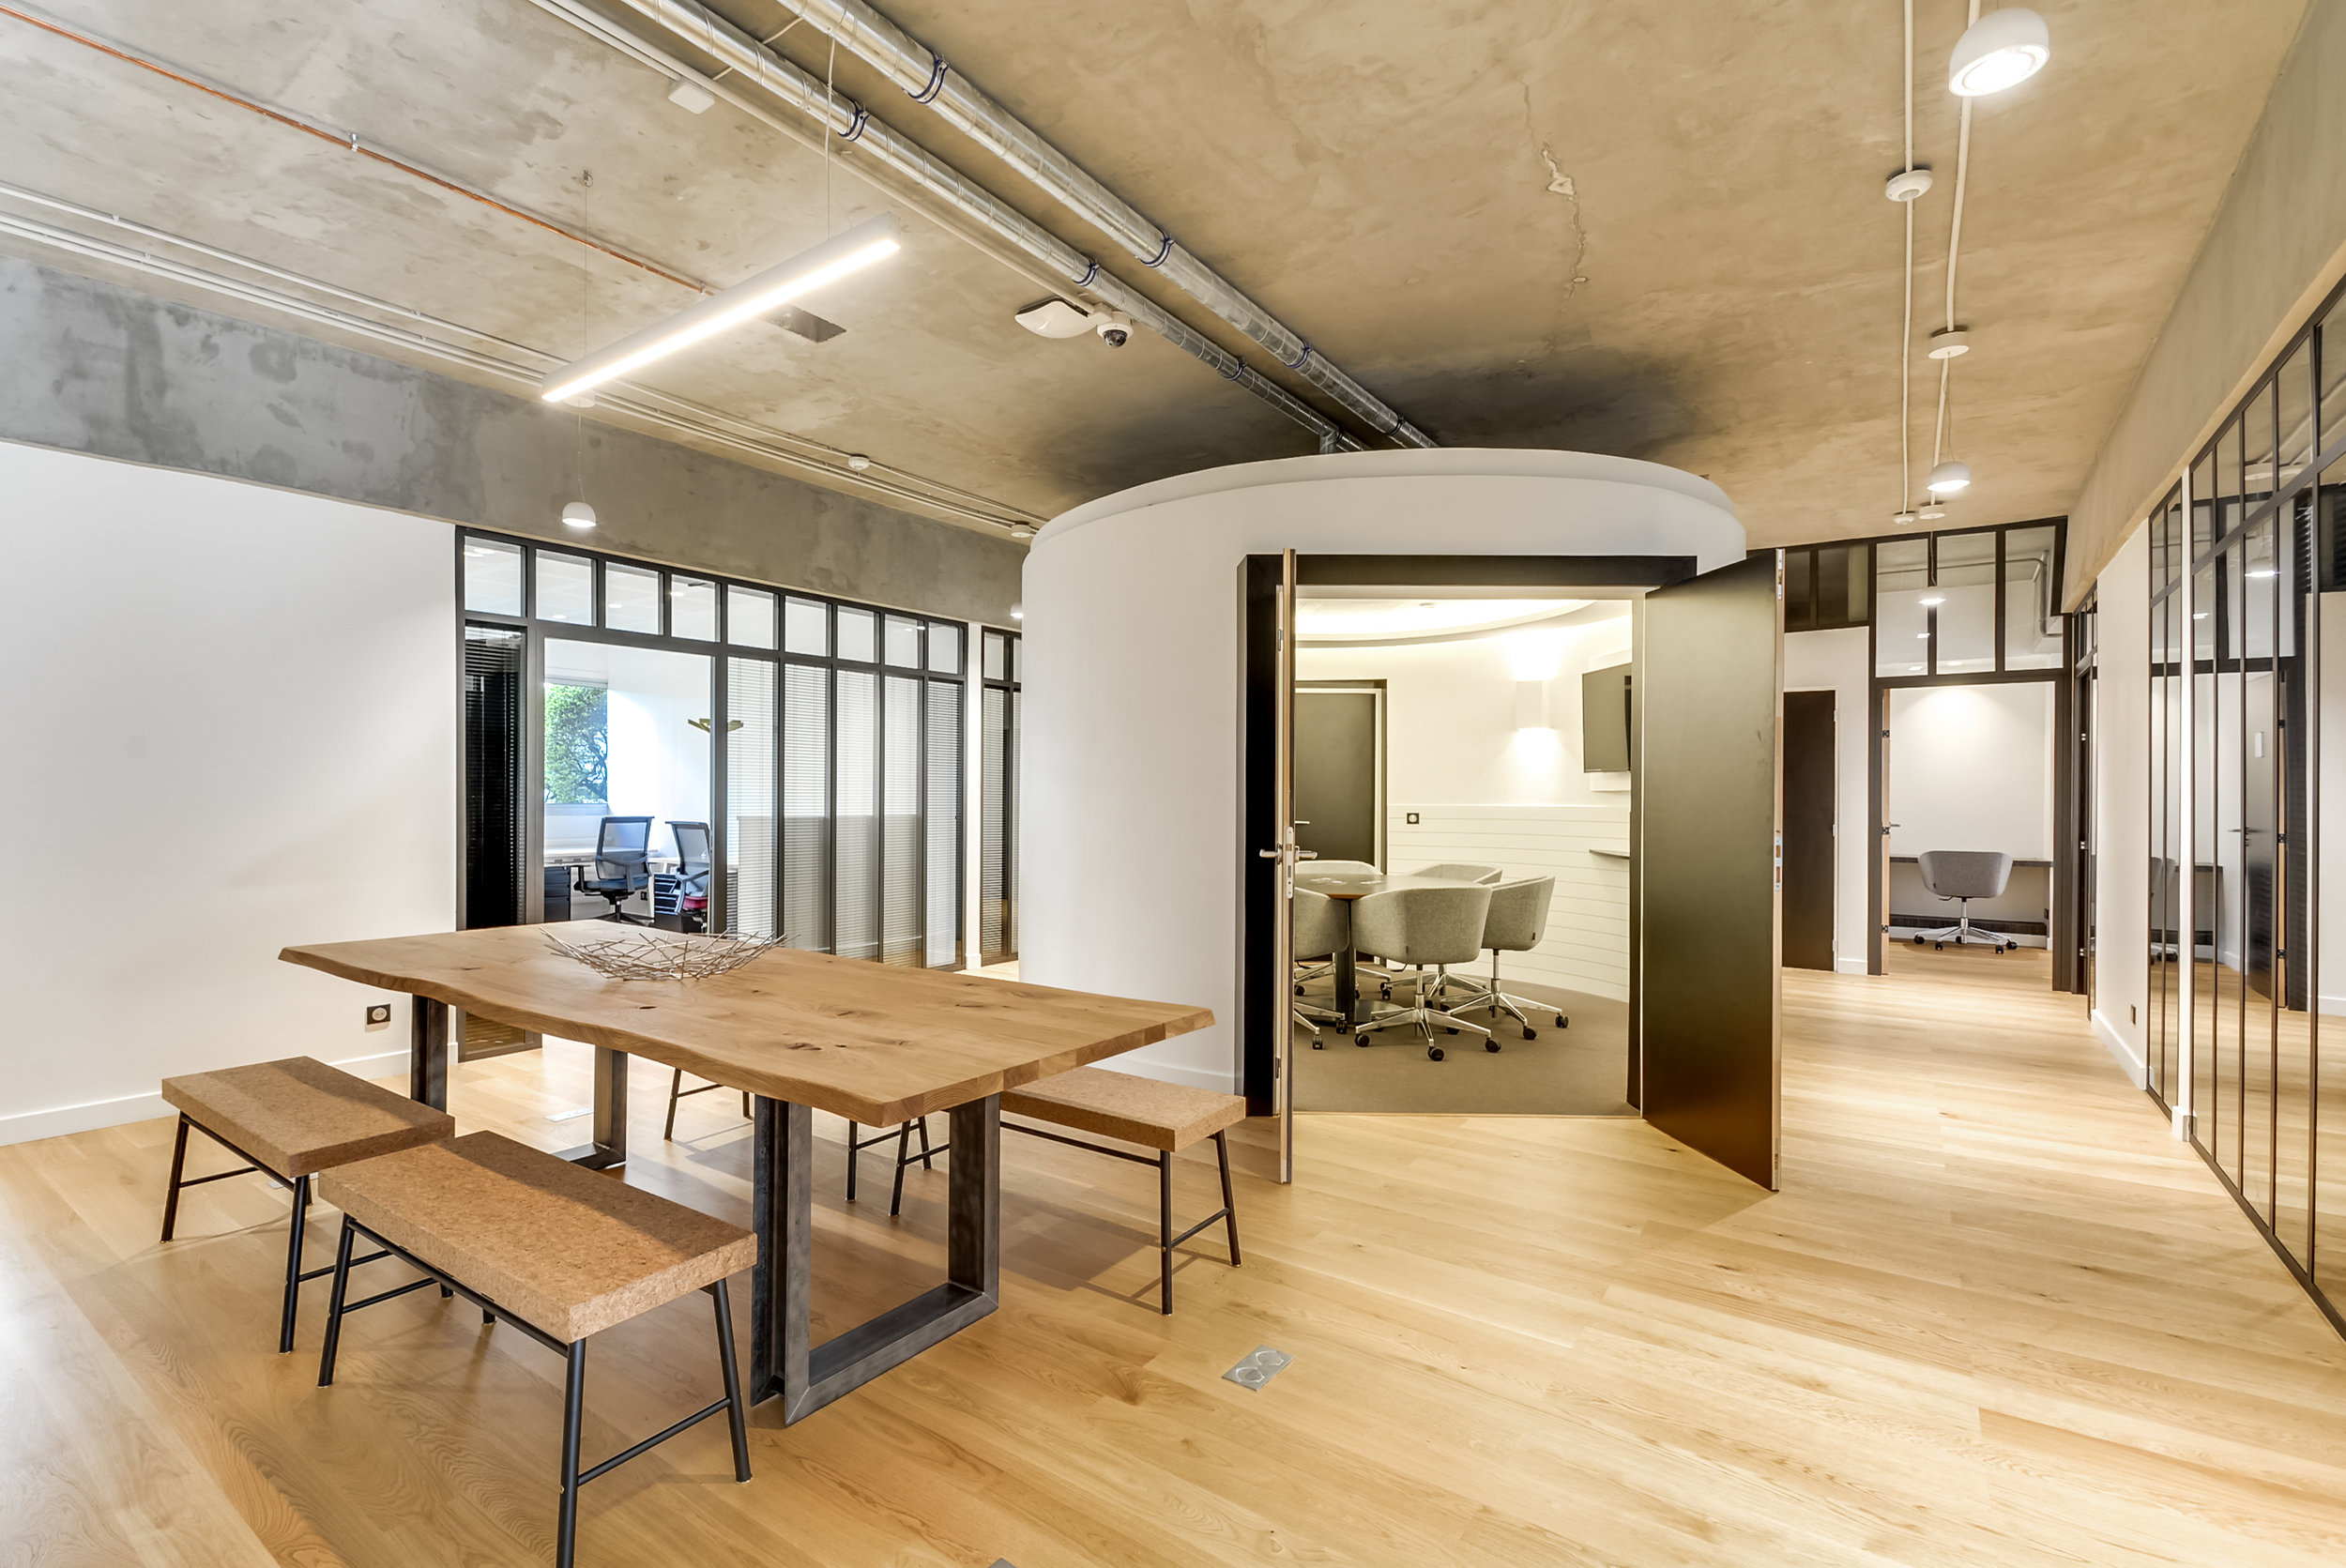 source : eliel arnold architectes d'intérieur, coworking